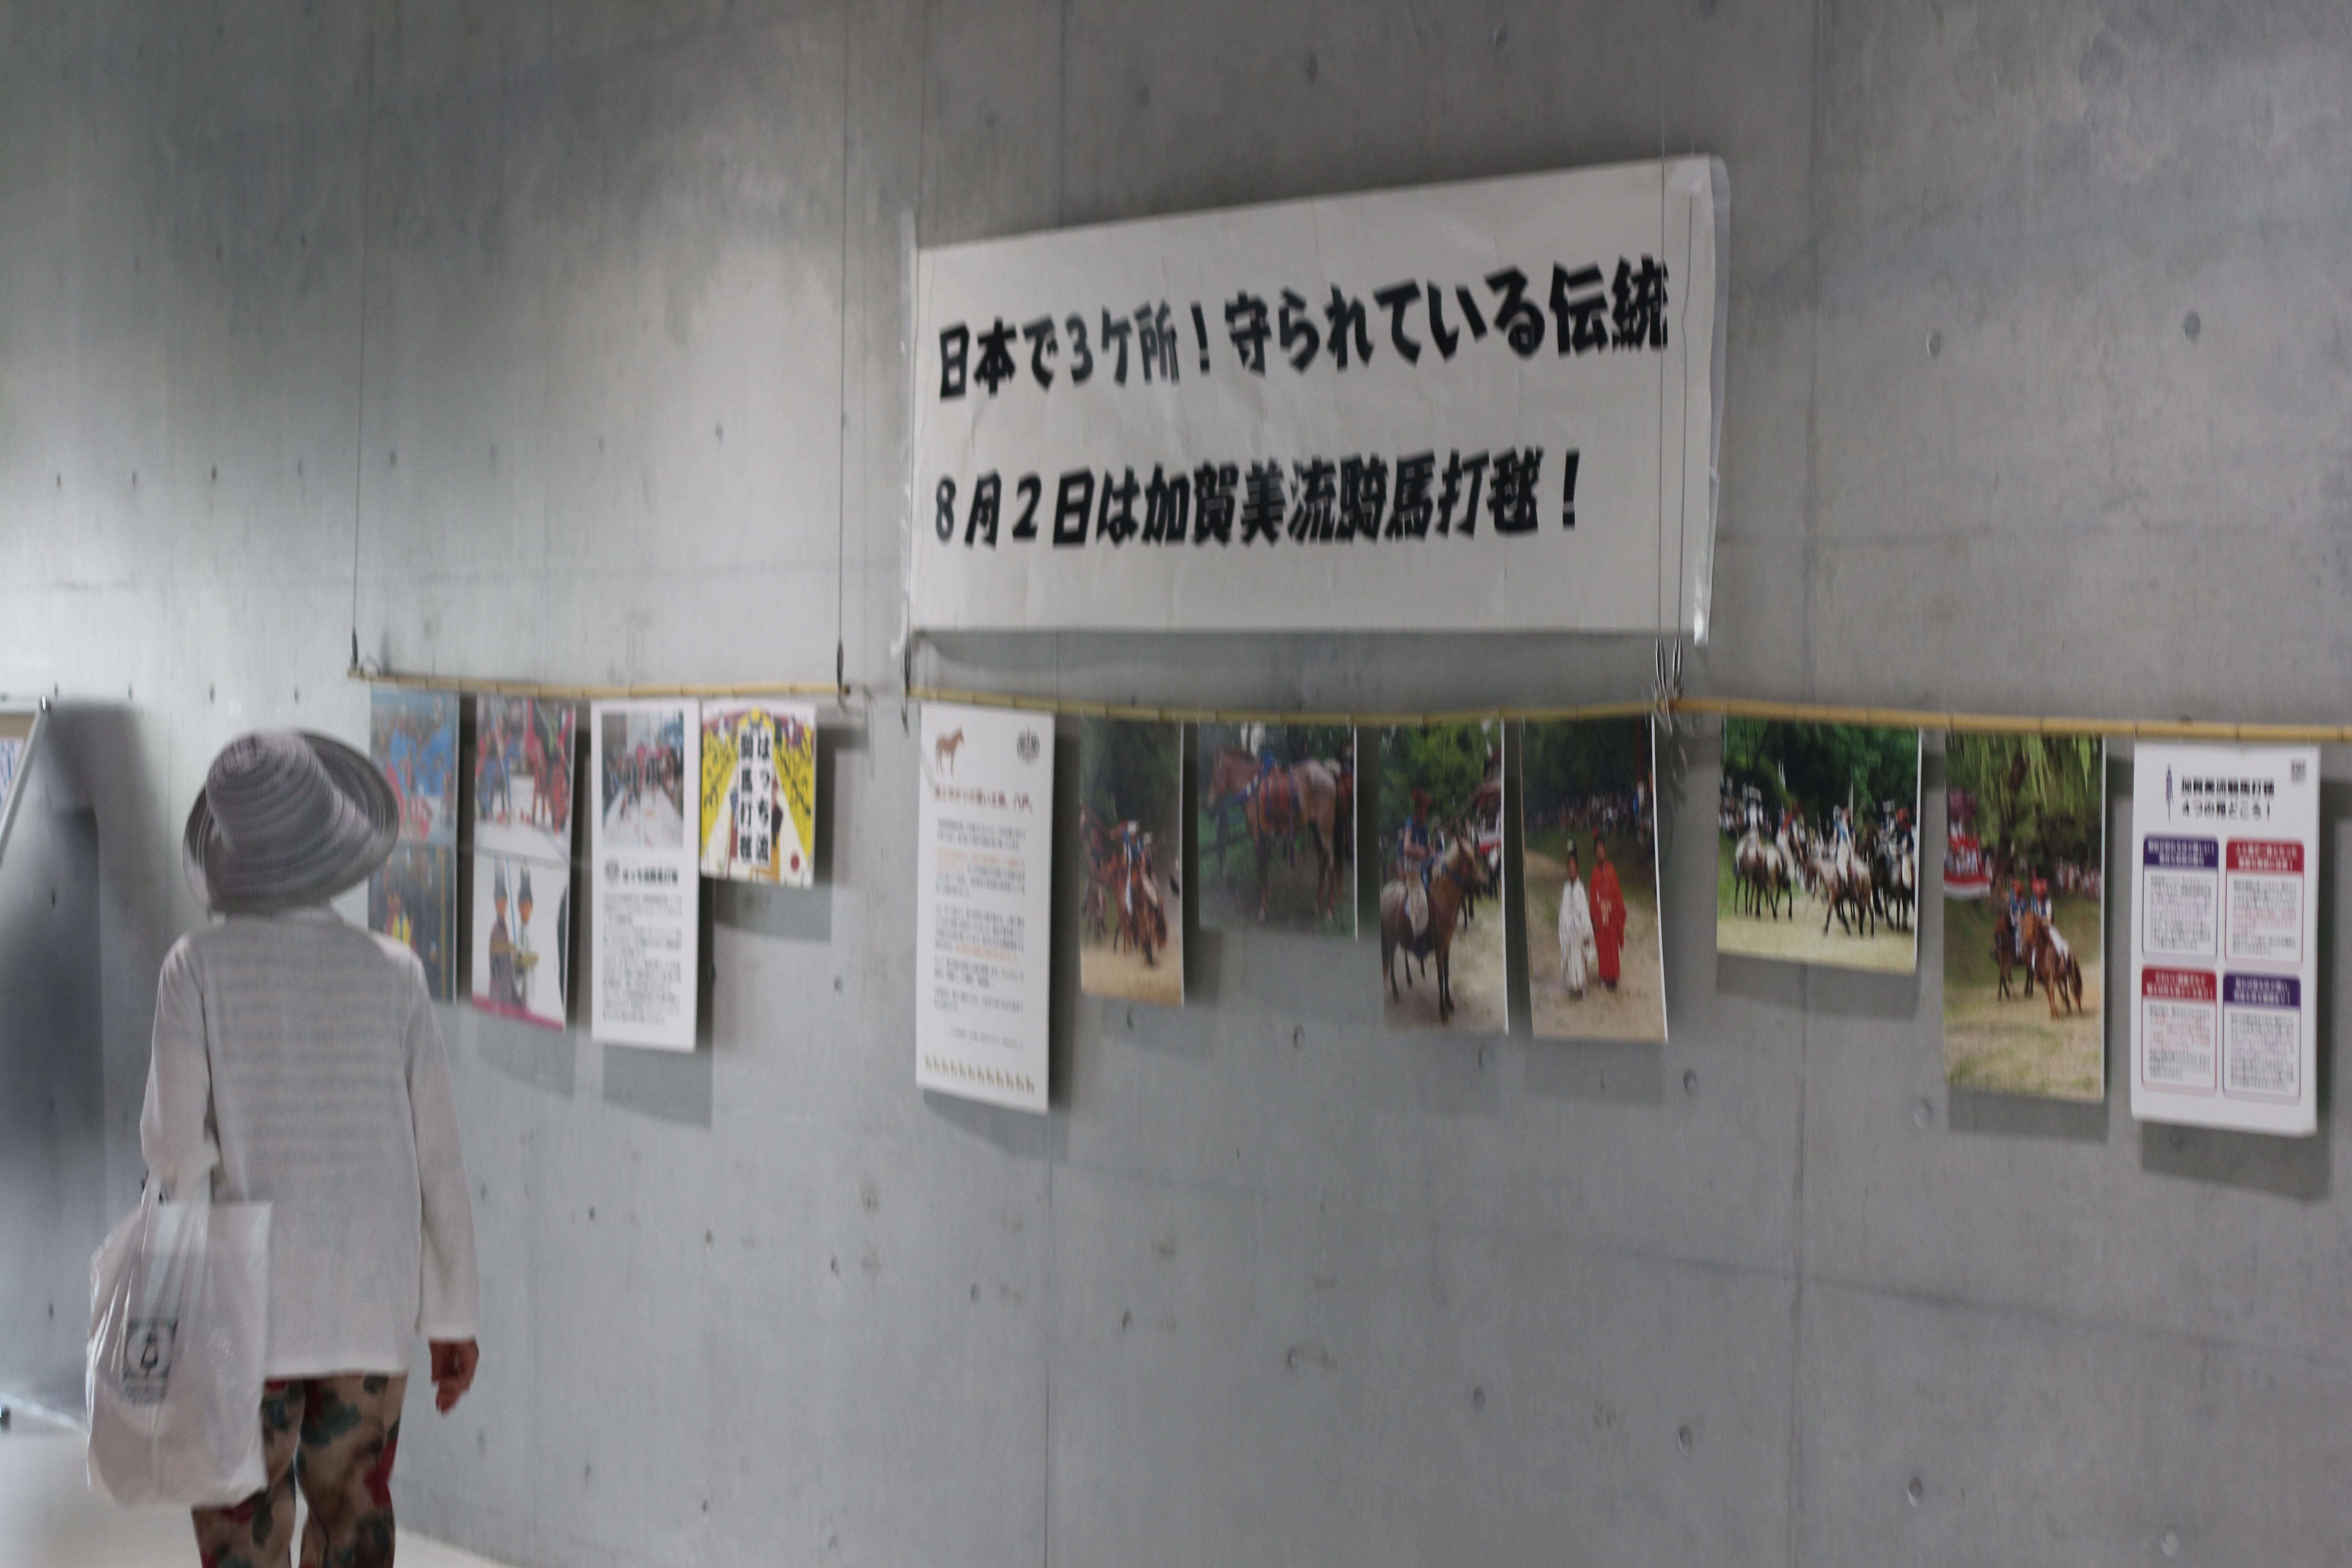 http://hacchi.jp/blog/upload/images/20140821_2.JPG